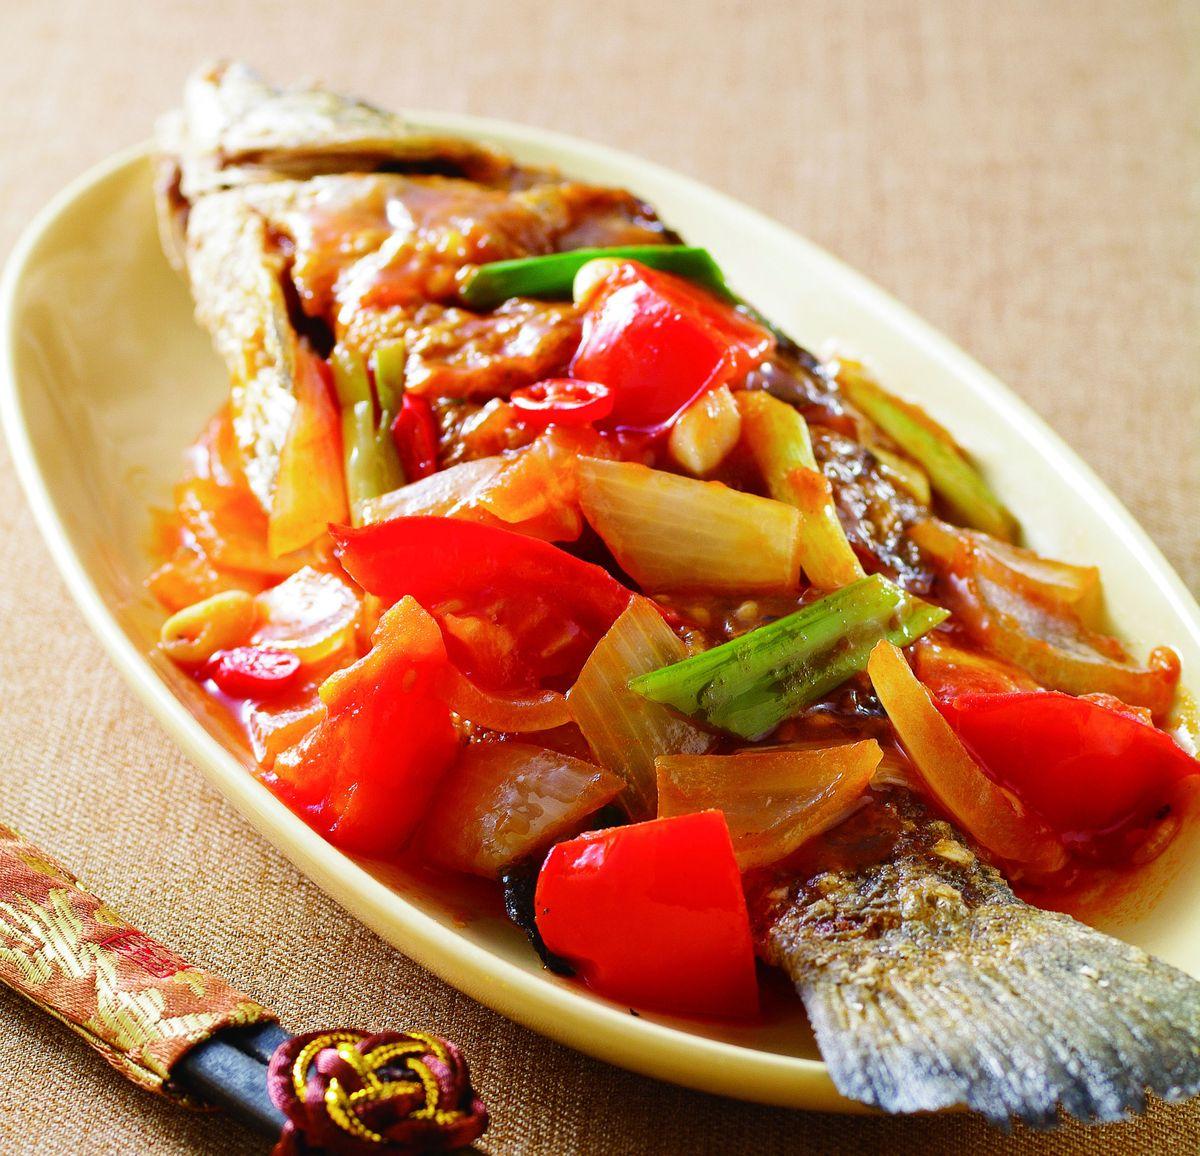 食譜:茄汁燒鮮魚